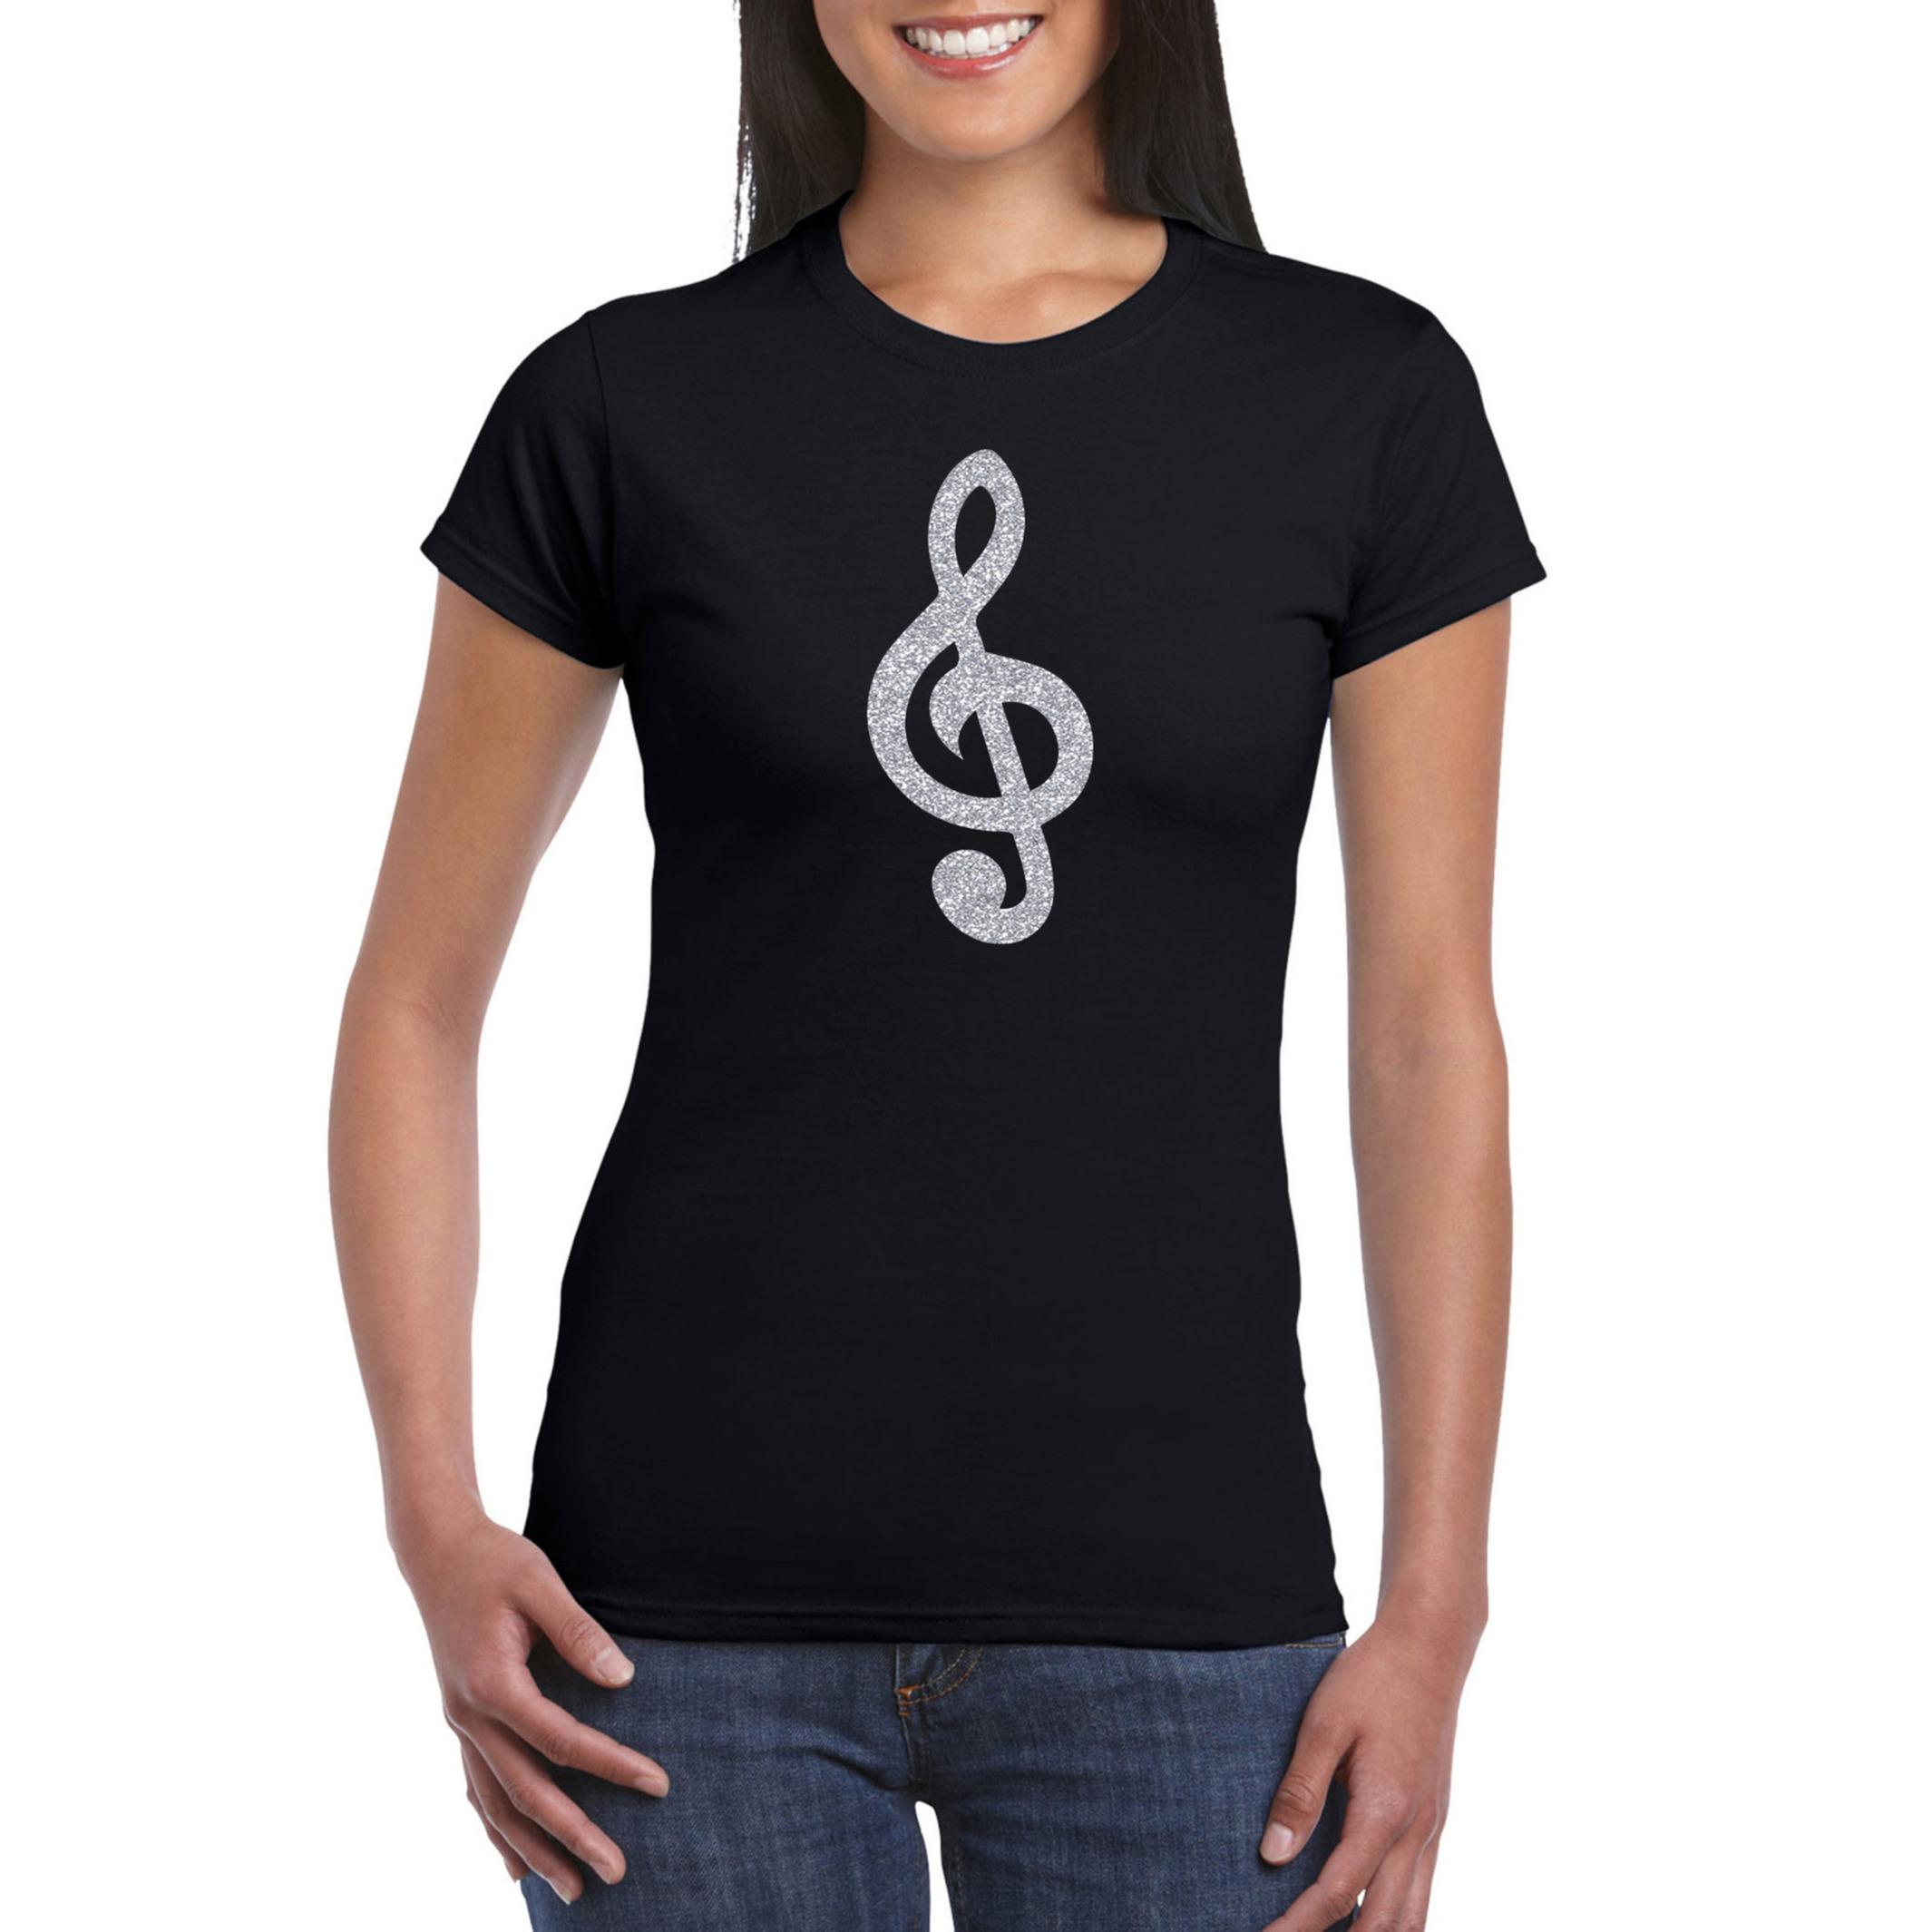 Zilveren muziek noot G-sleutel - muziek feest t-shirt - kleding zwart dames